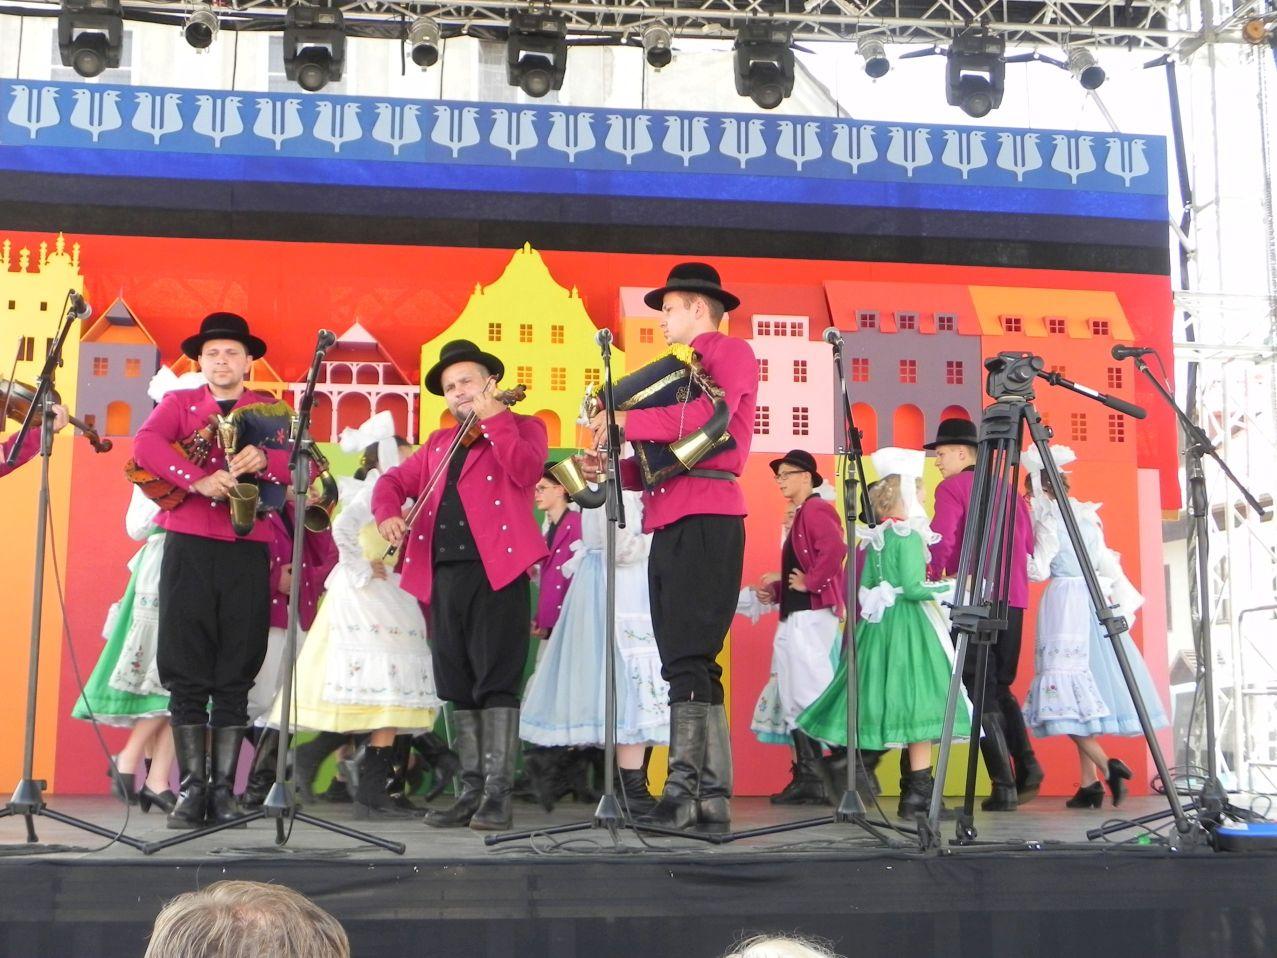 2016-06-26 Kazimierz Dolny - festiwal (133)